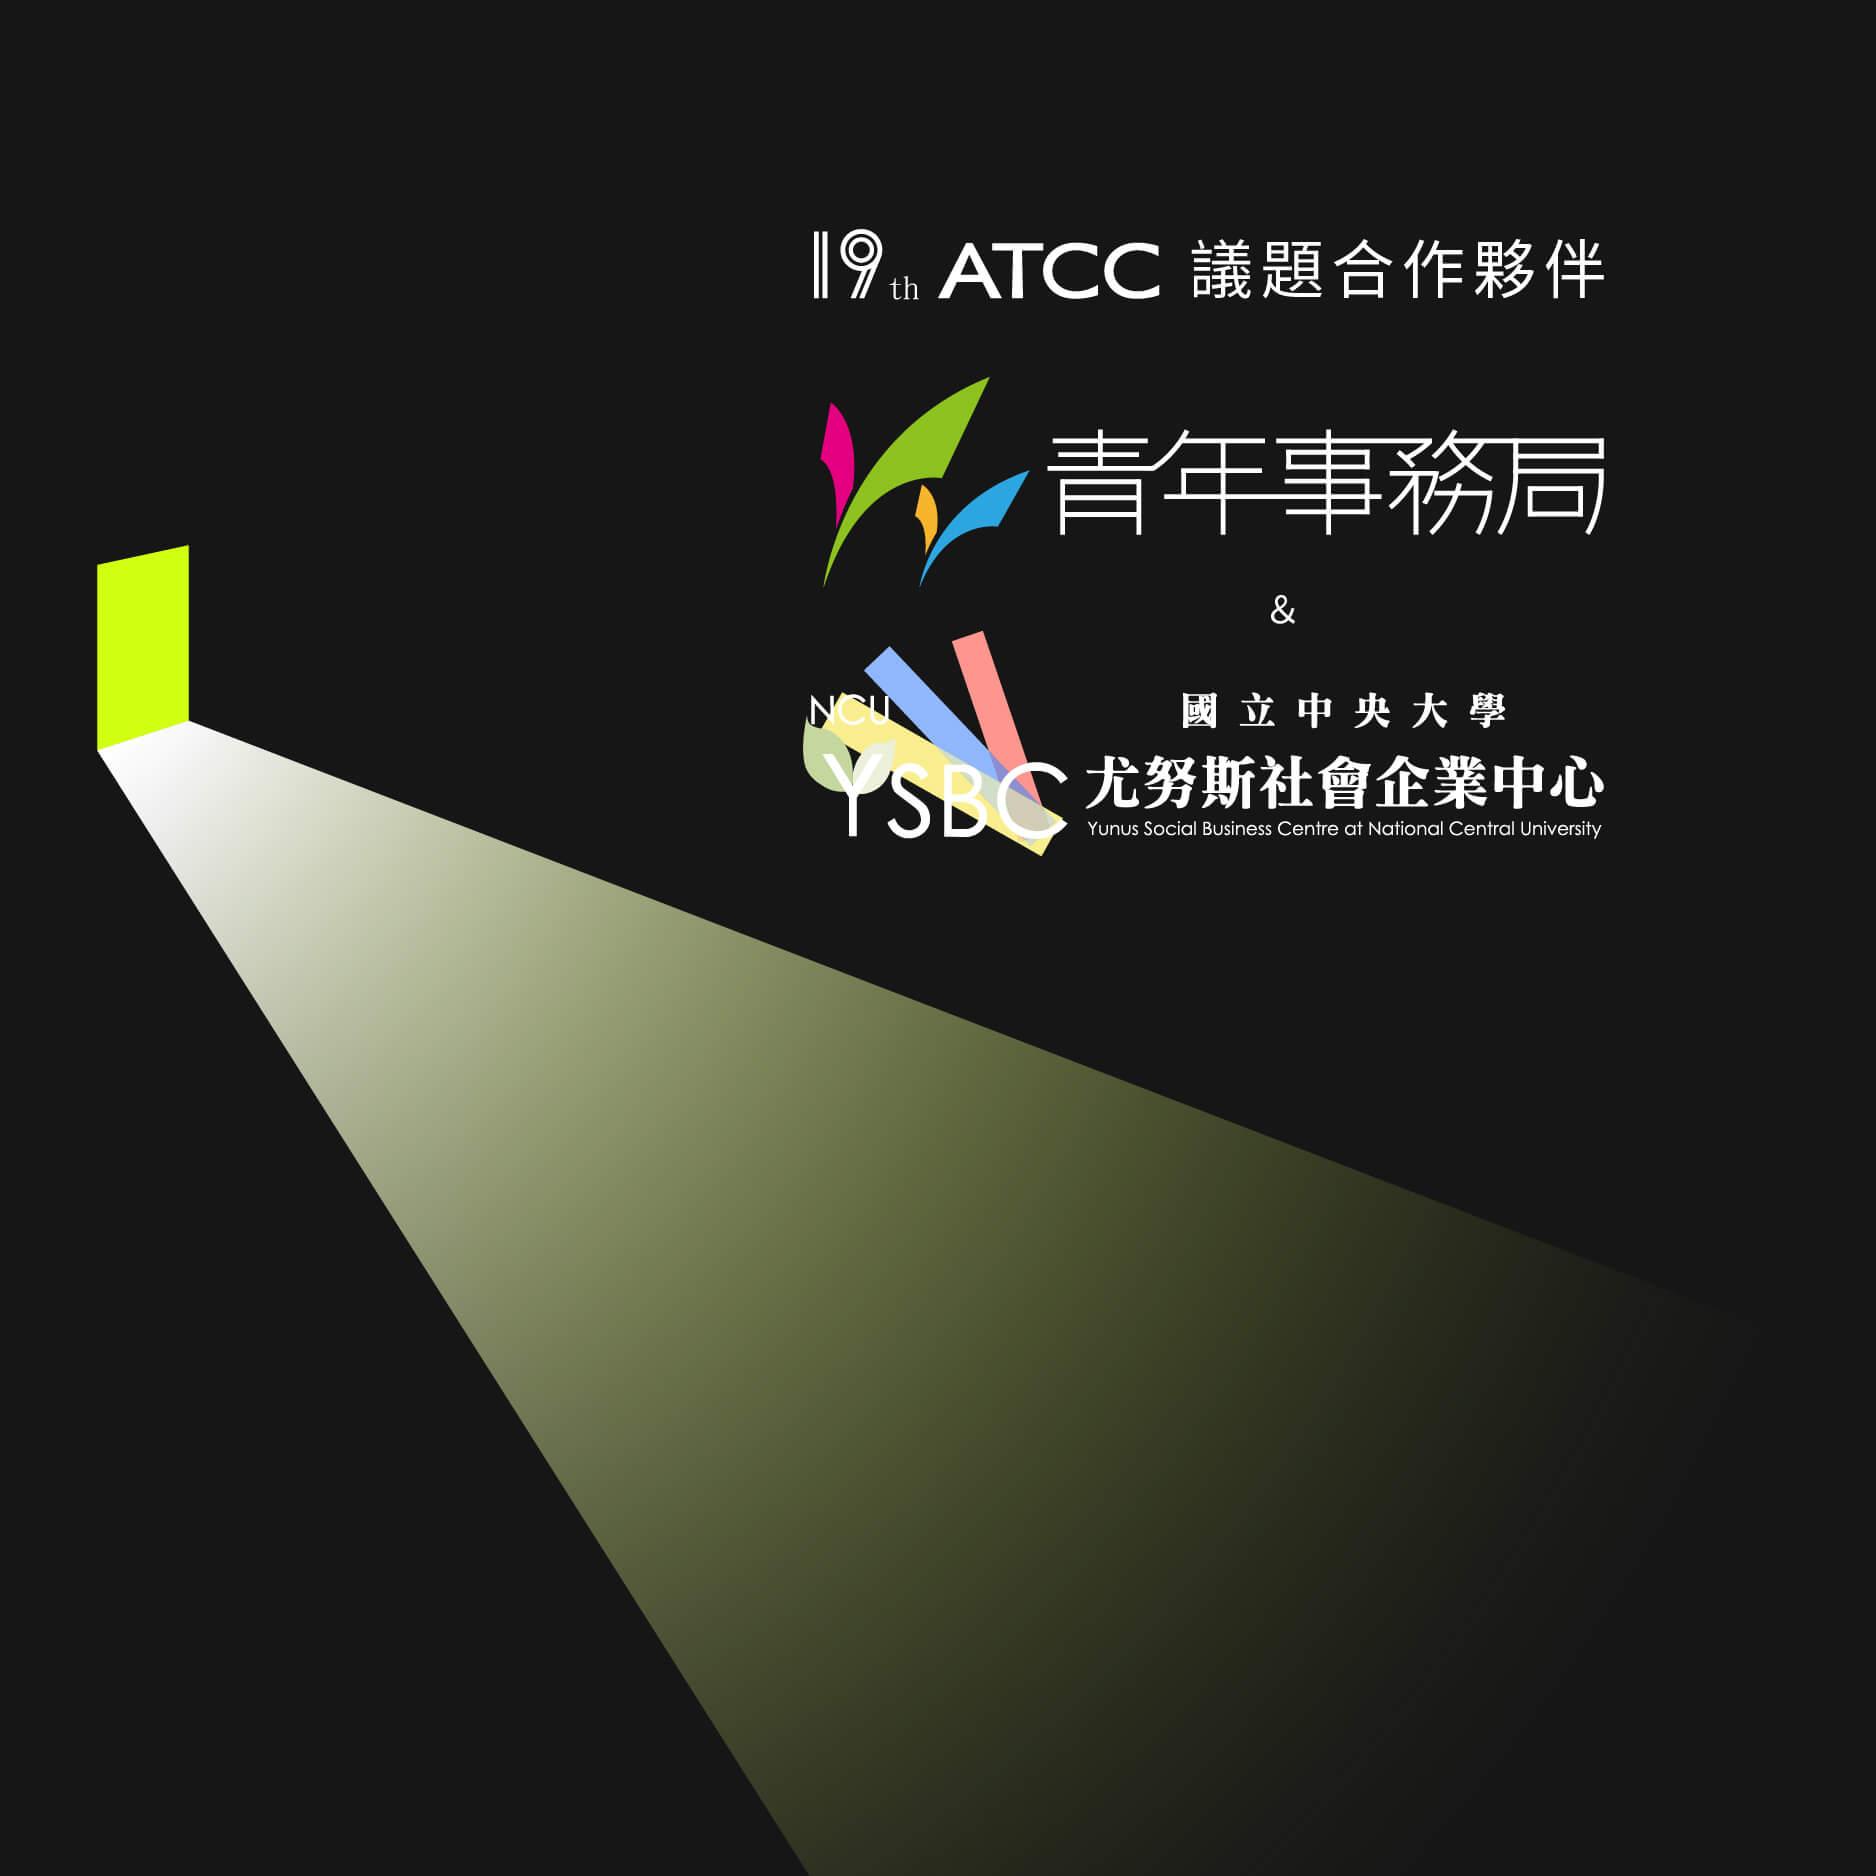 19th ATCC x 桃園市政府青年事務局 x 中央大學尤努斯社會企業中心